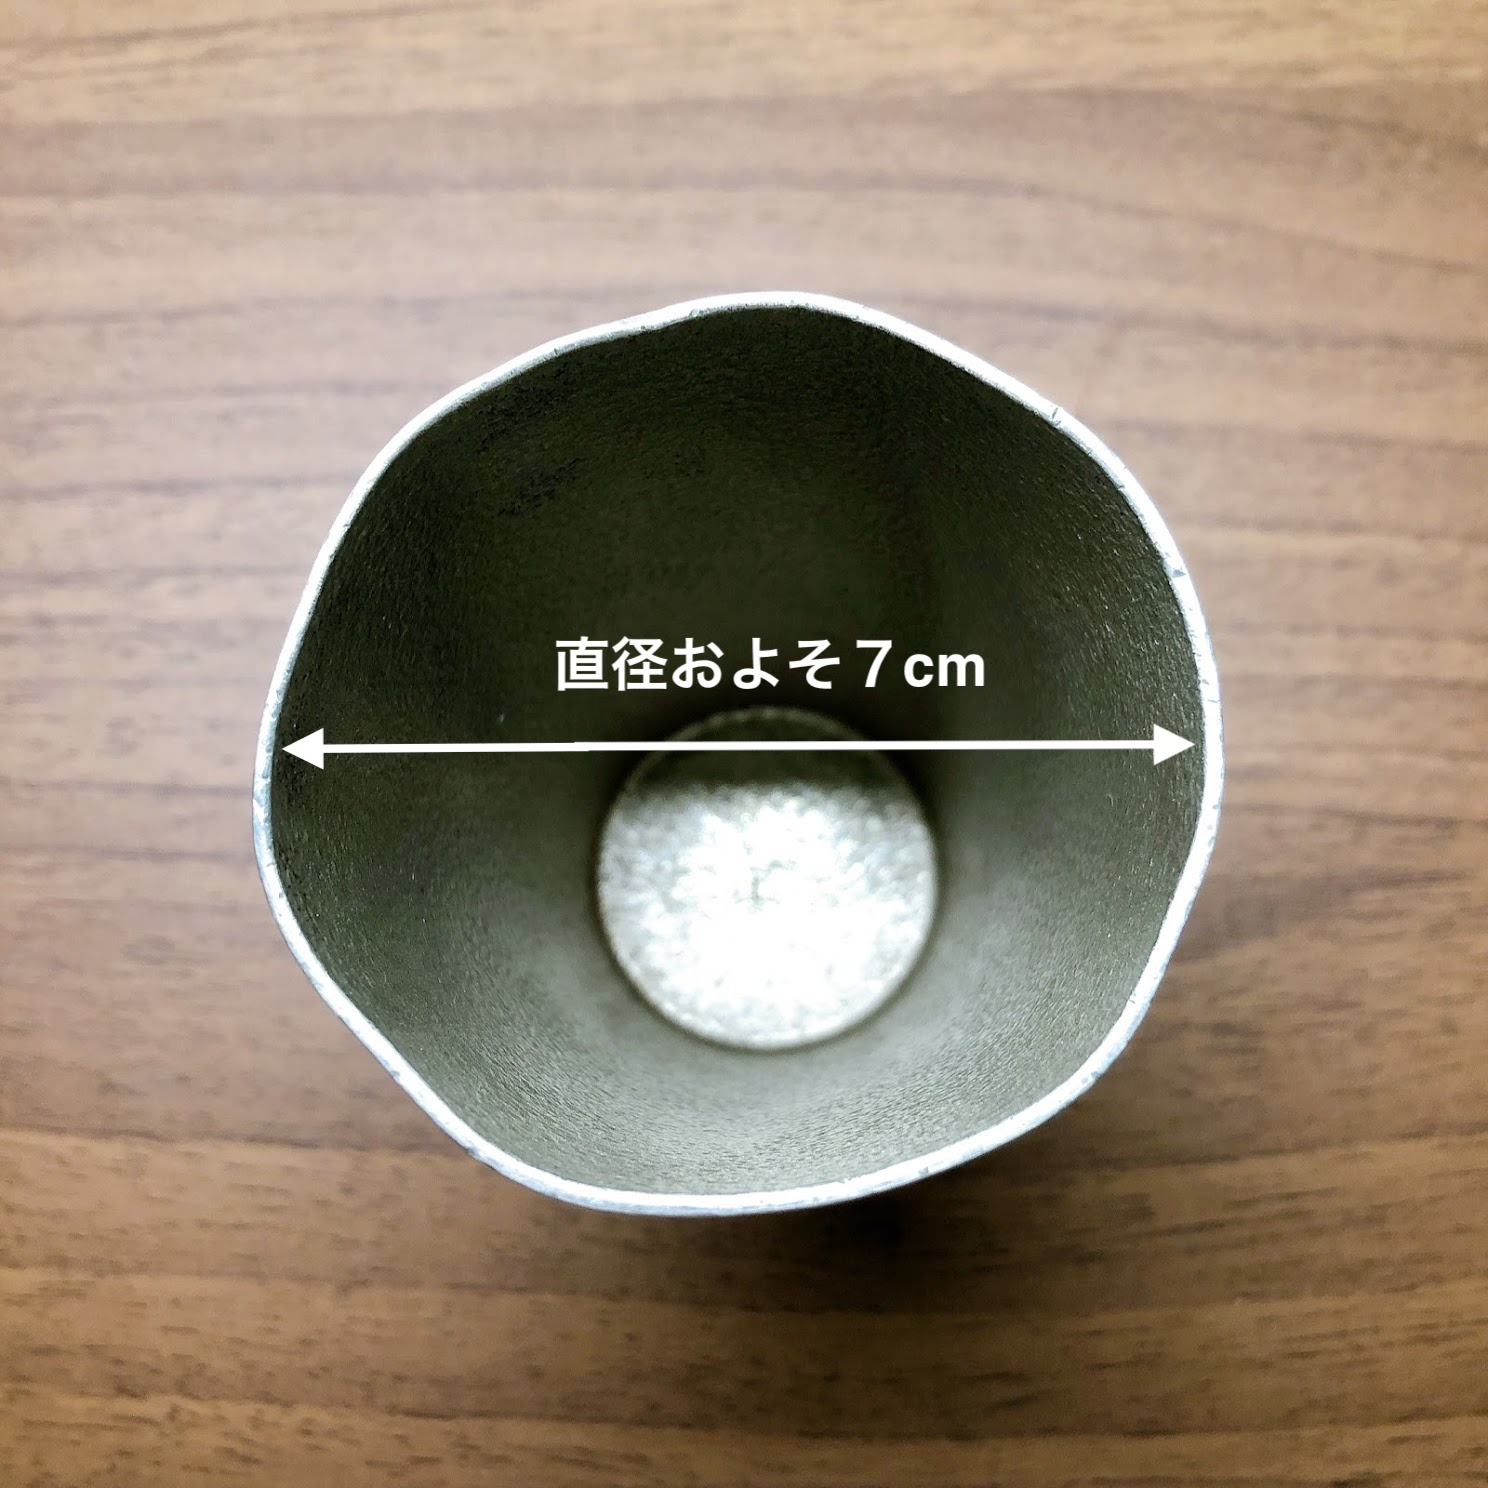 錫ビアカップL 直径